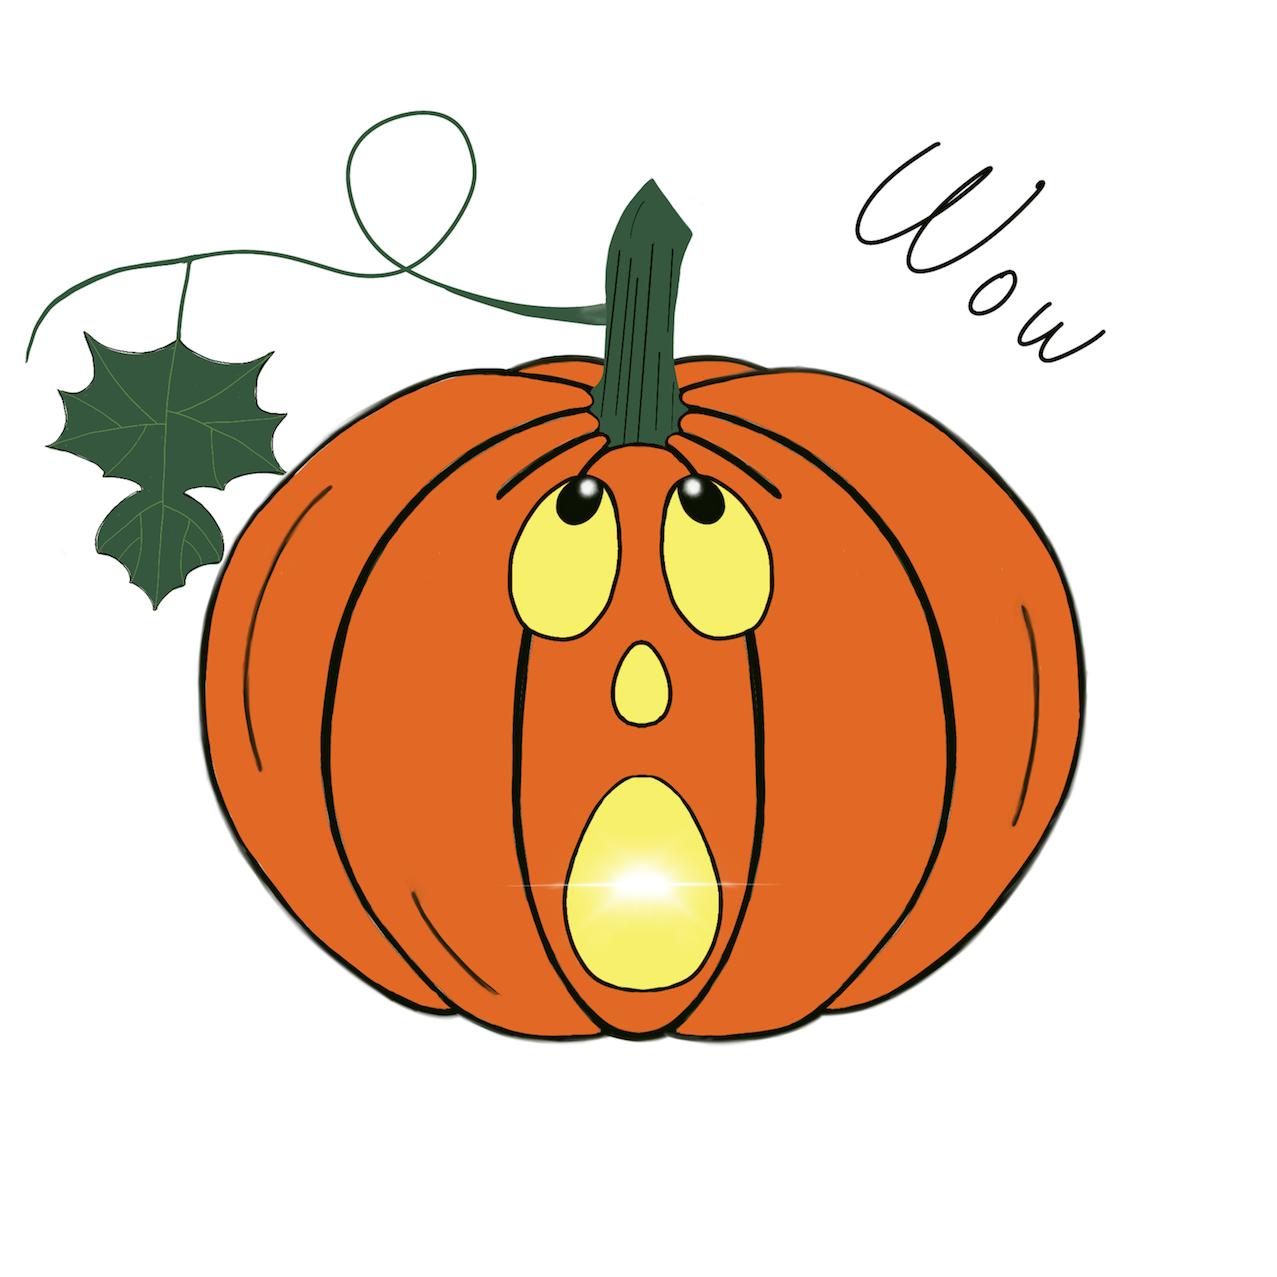 Pumpkin time stickers messages sticker-6